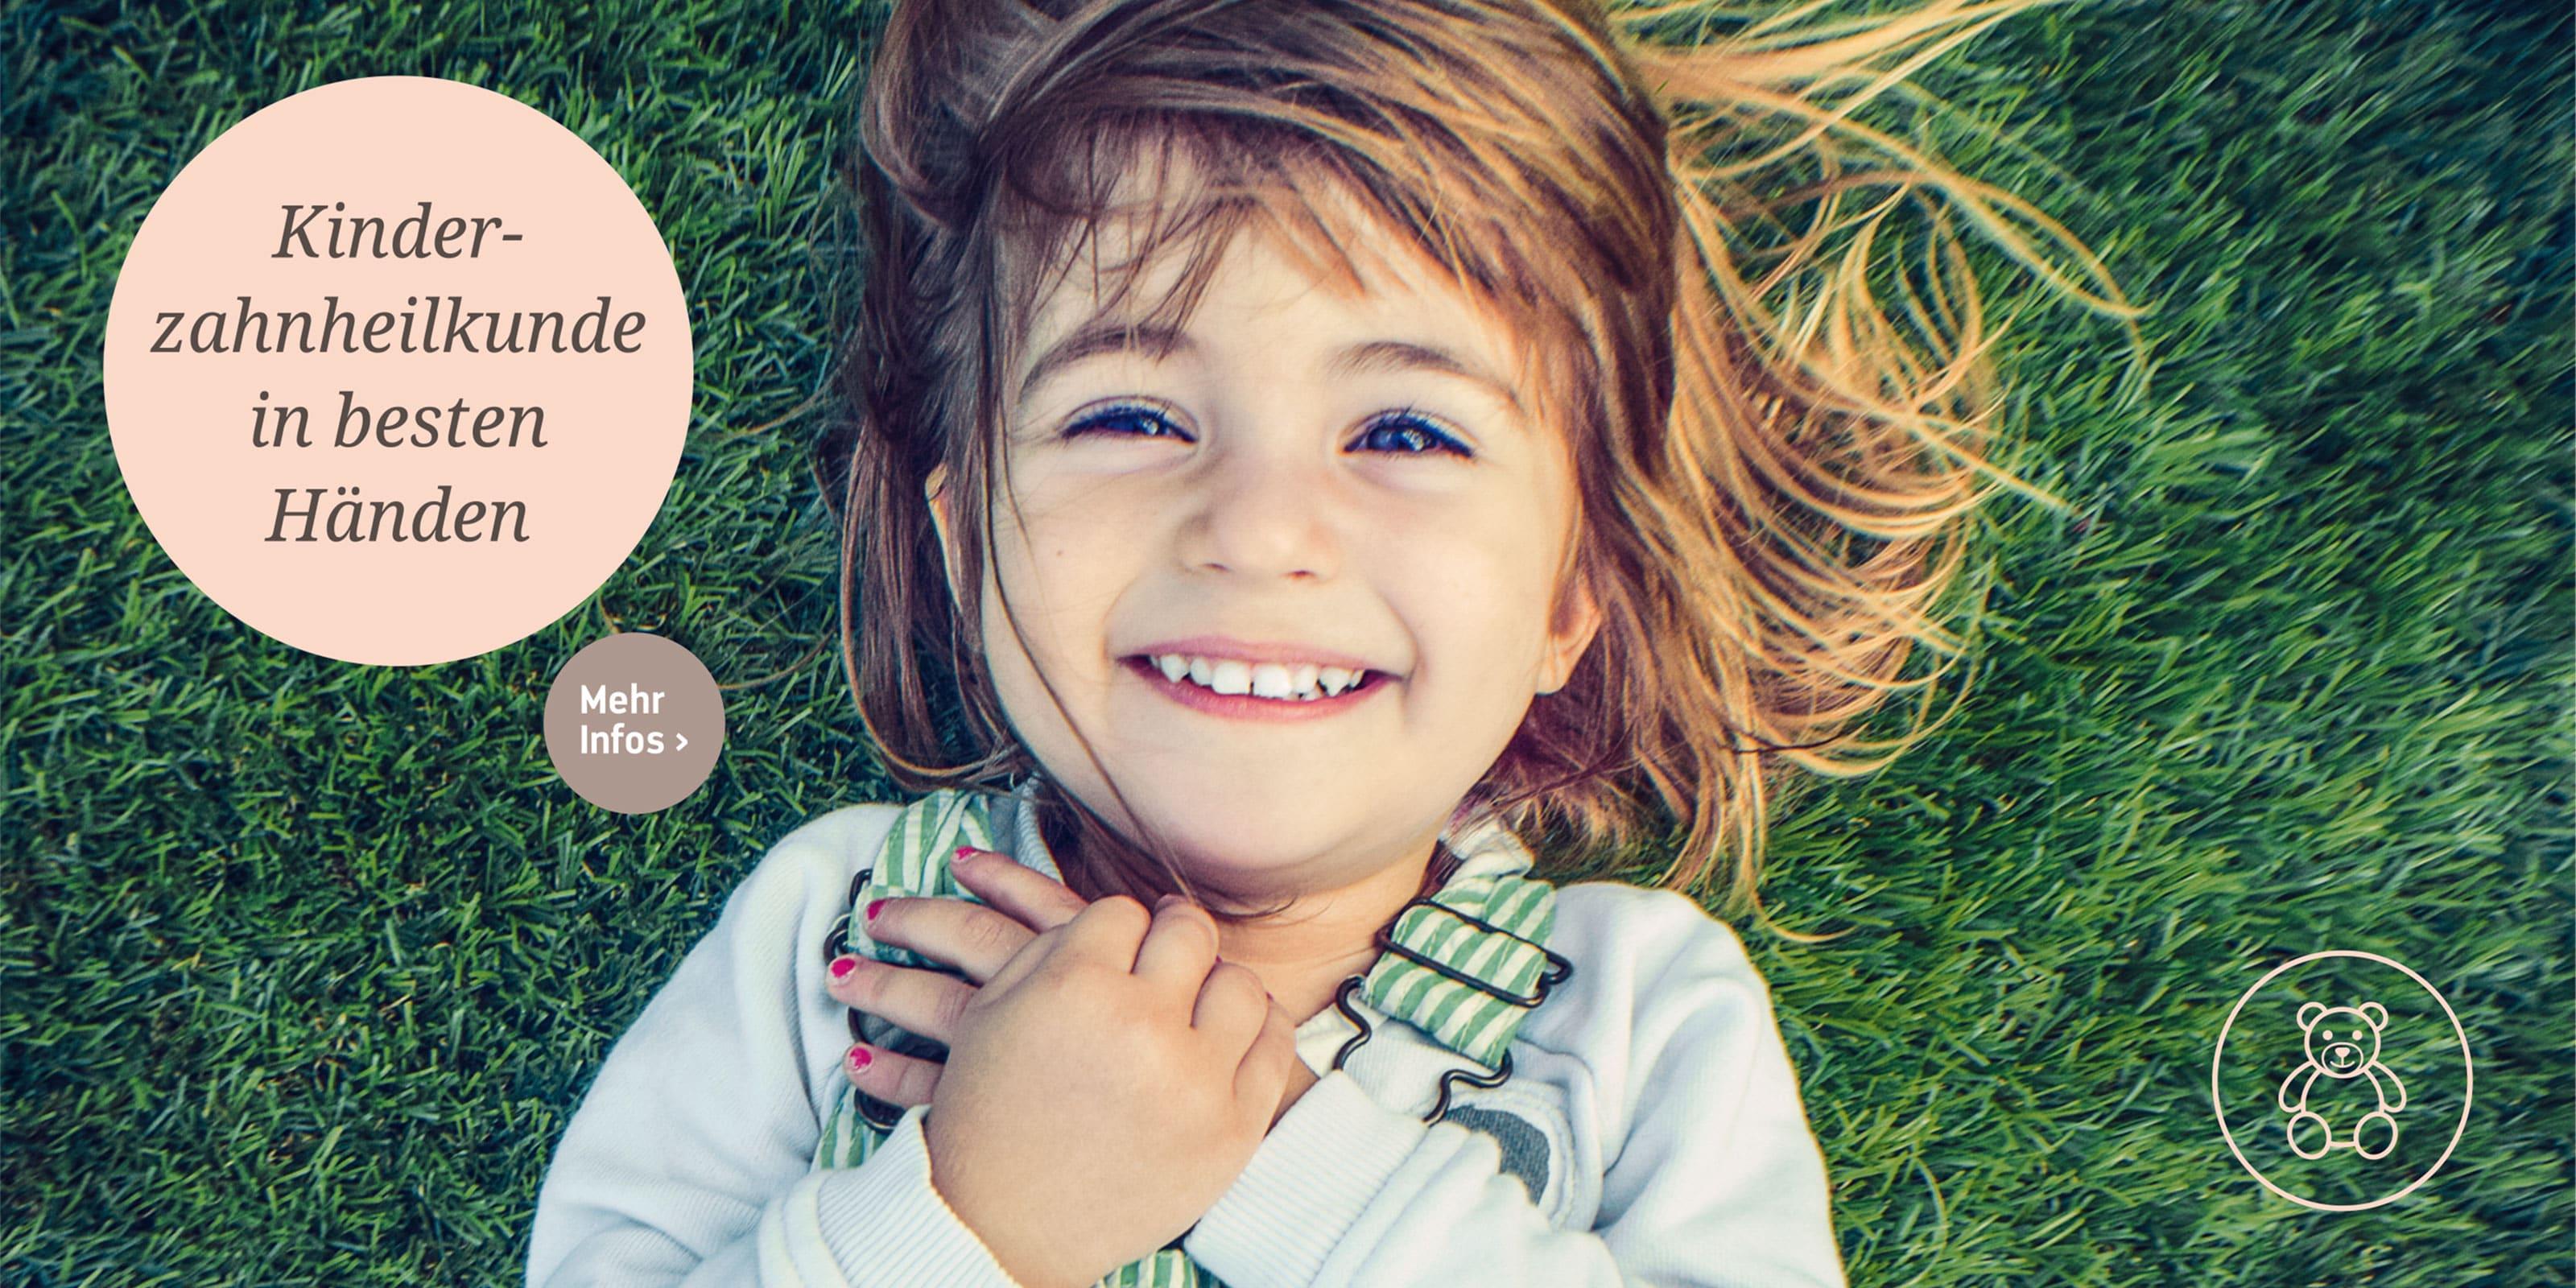 Kinderzahnheilkunde in besten Händen –Kinder Zahnarzt Praxis Aschaffenburg